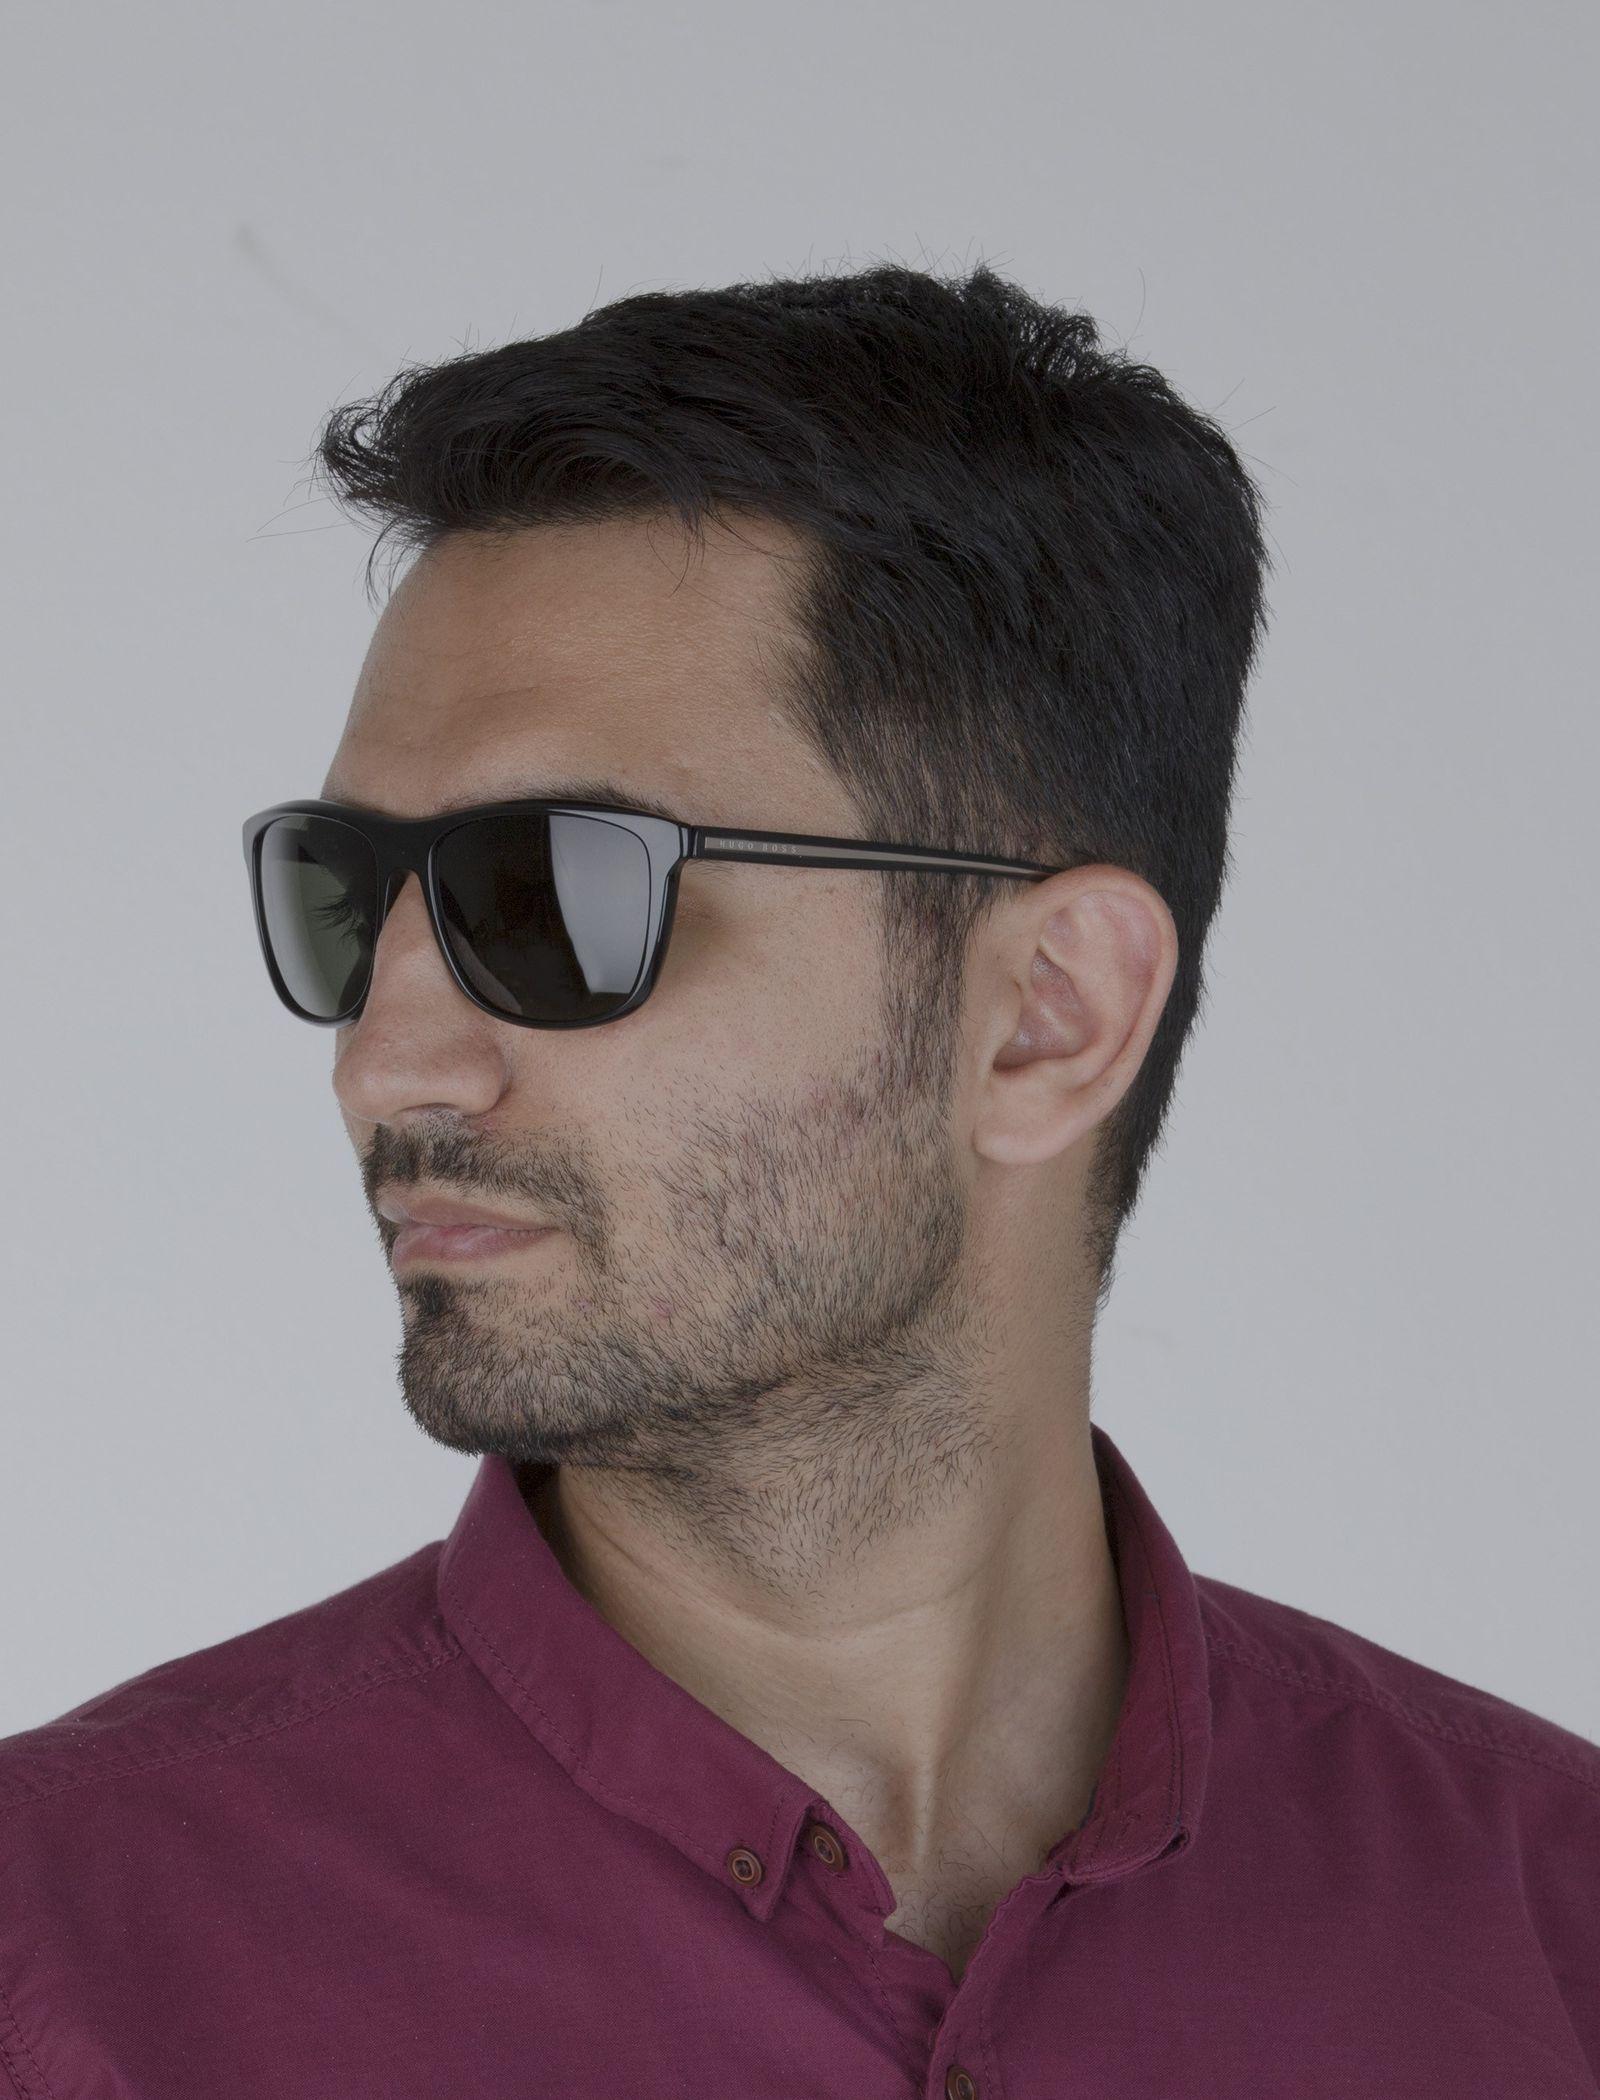 عینک آفتابی ویفرر مردانه - باس - مشکي - 2